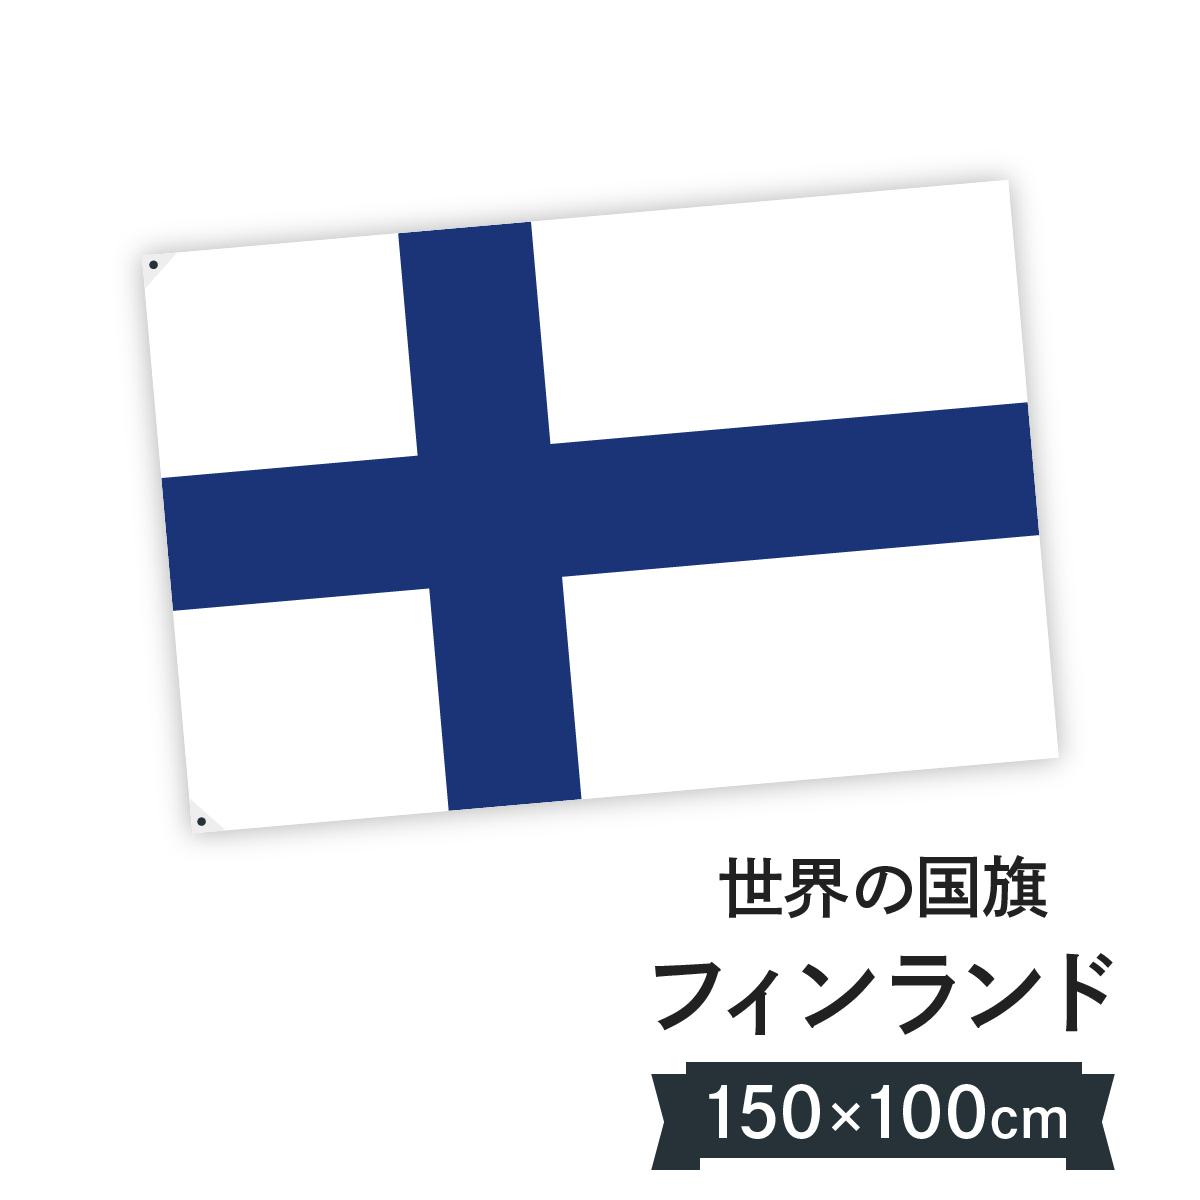 フィンランド共和国 国旗 W150cm H100cm